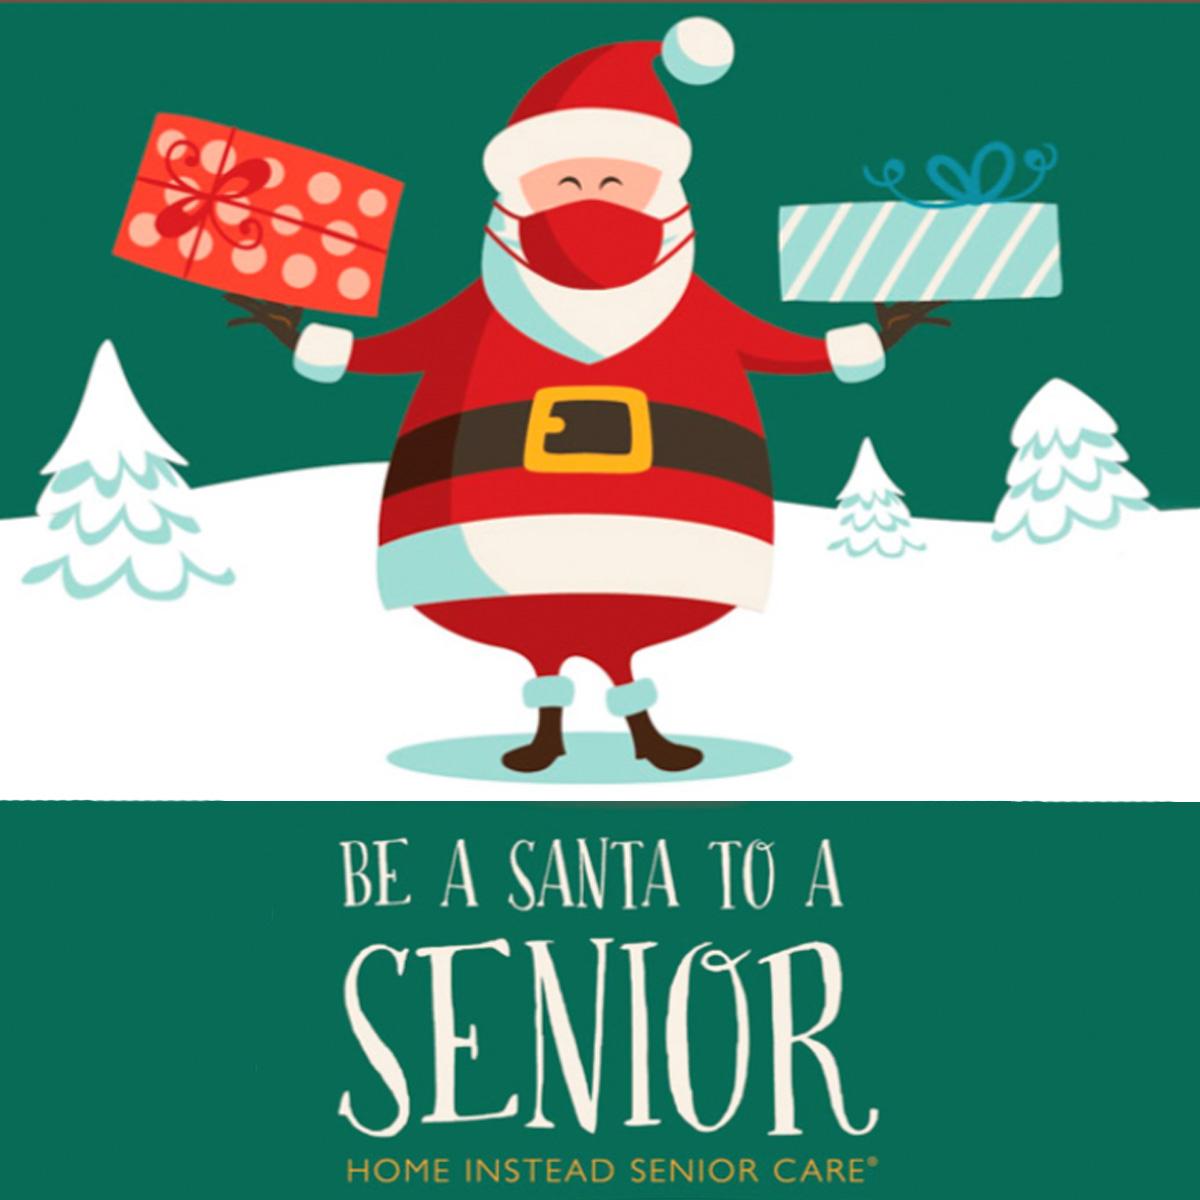 Be Santa to a Senior